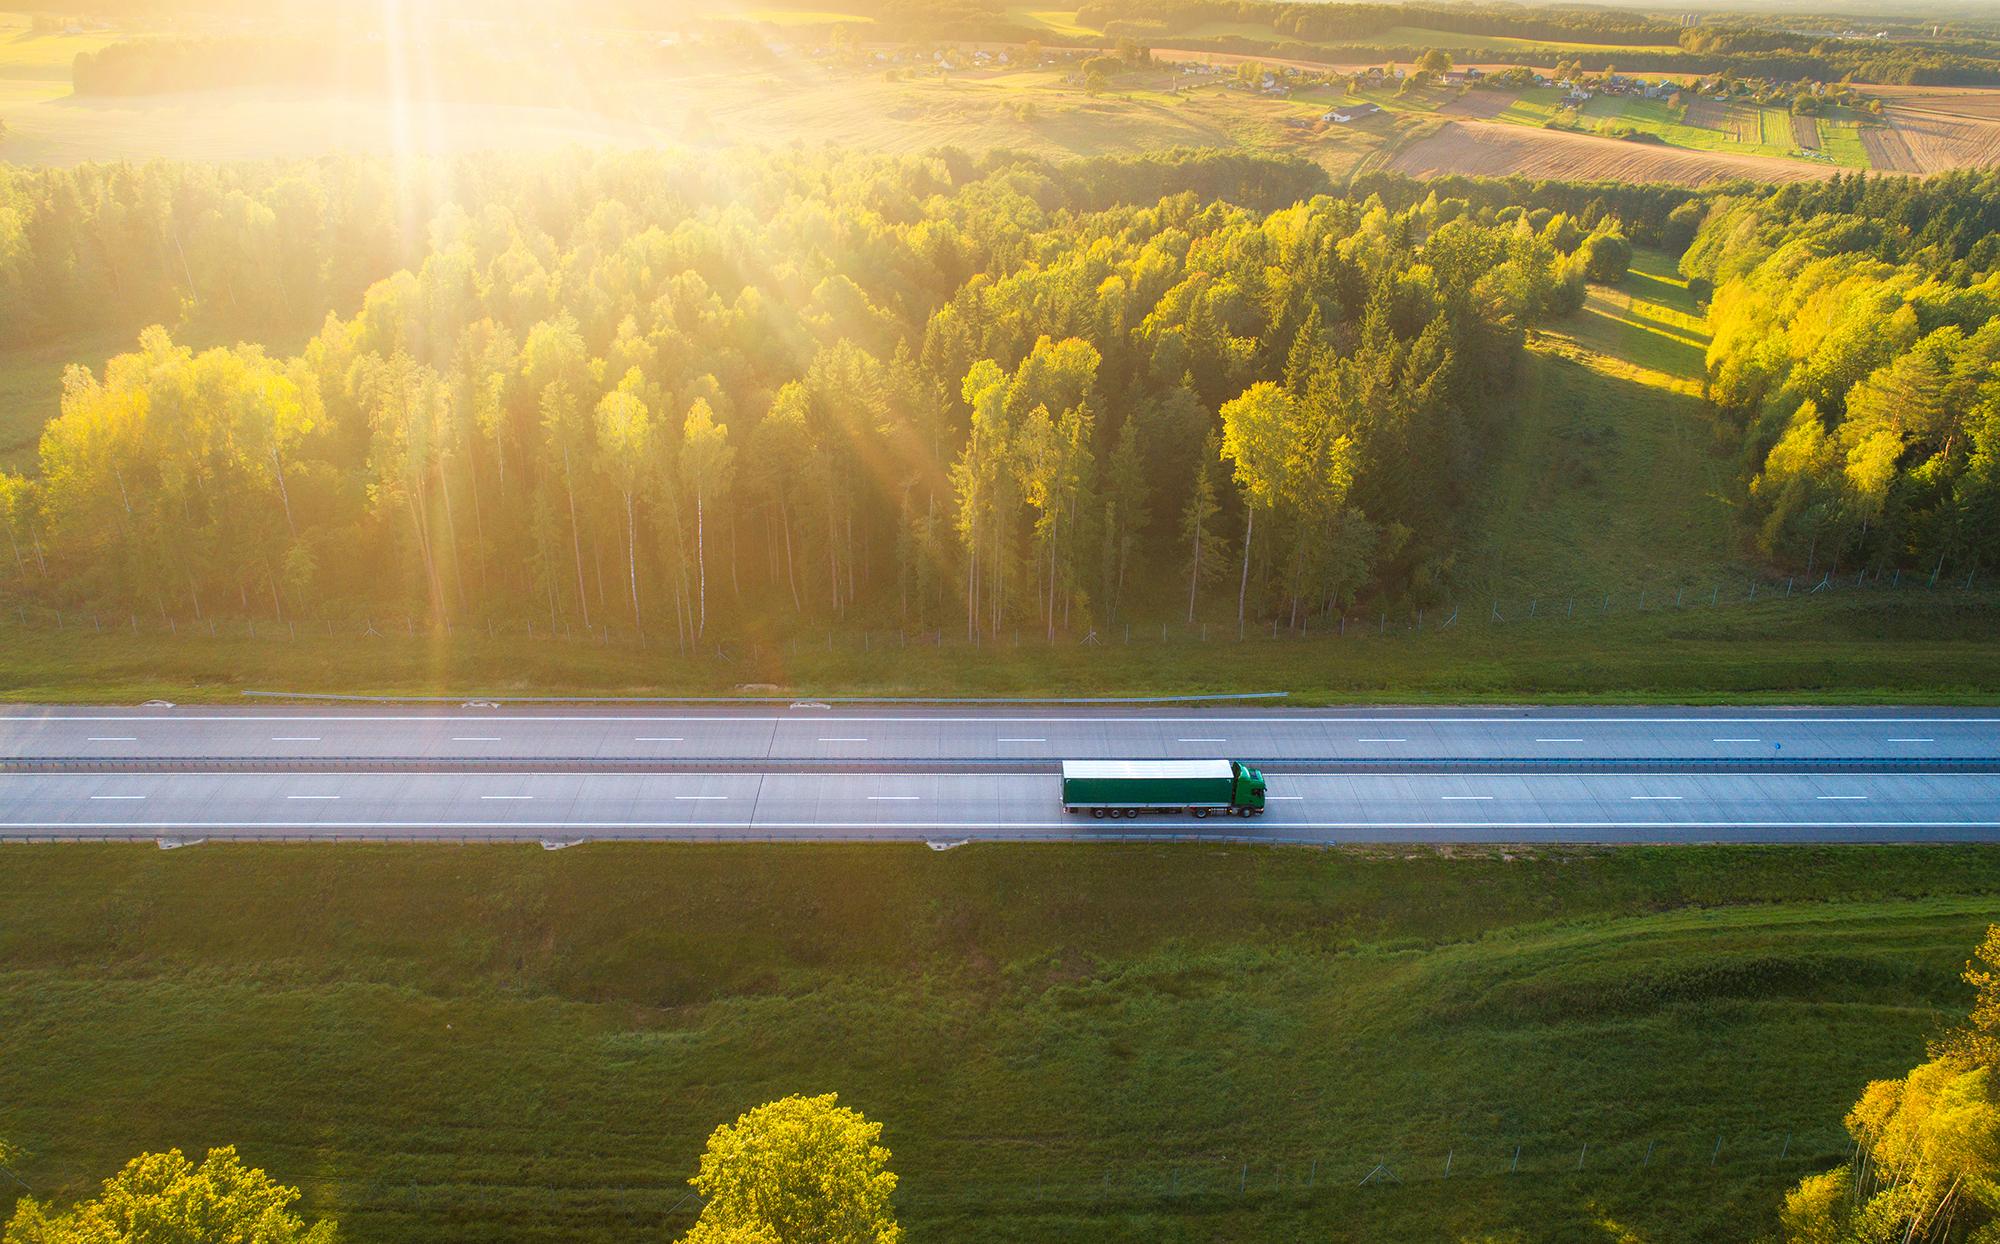 La logística y el transporte encaminan sus esfuerzos hacia una distribución más sostenible